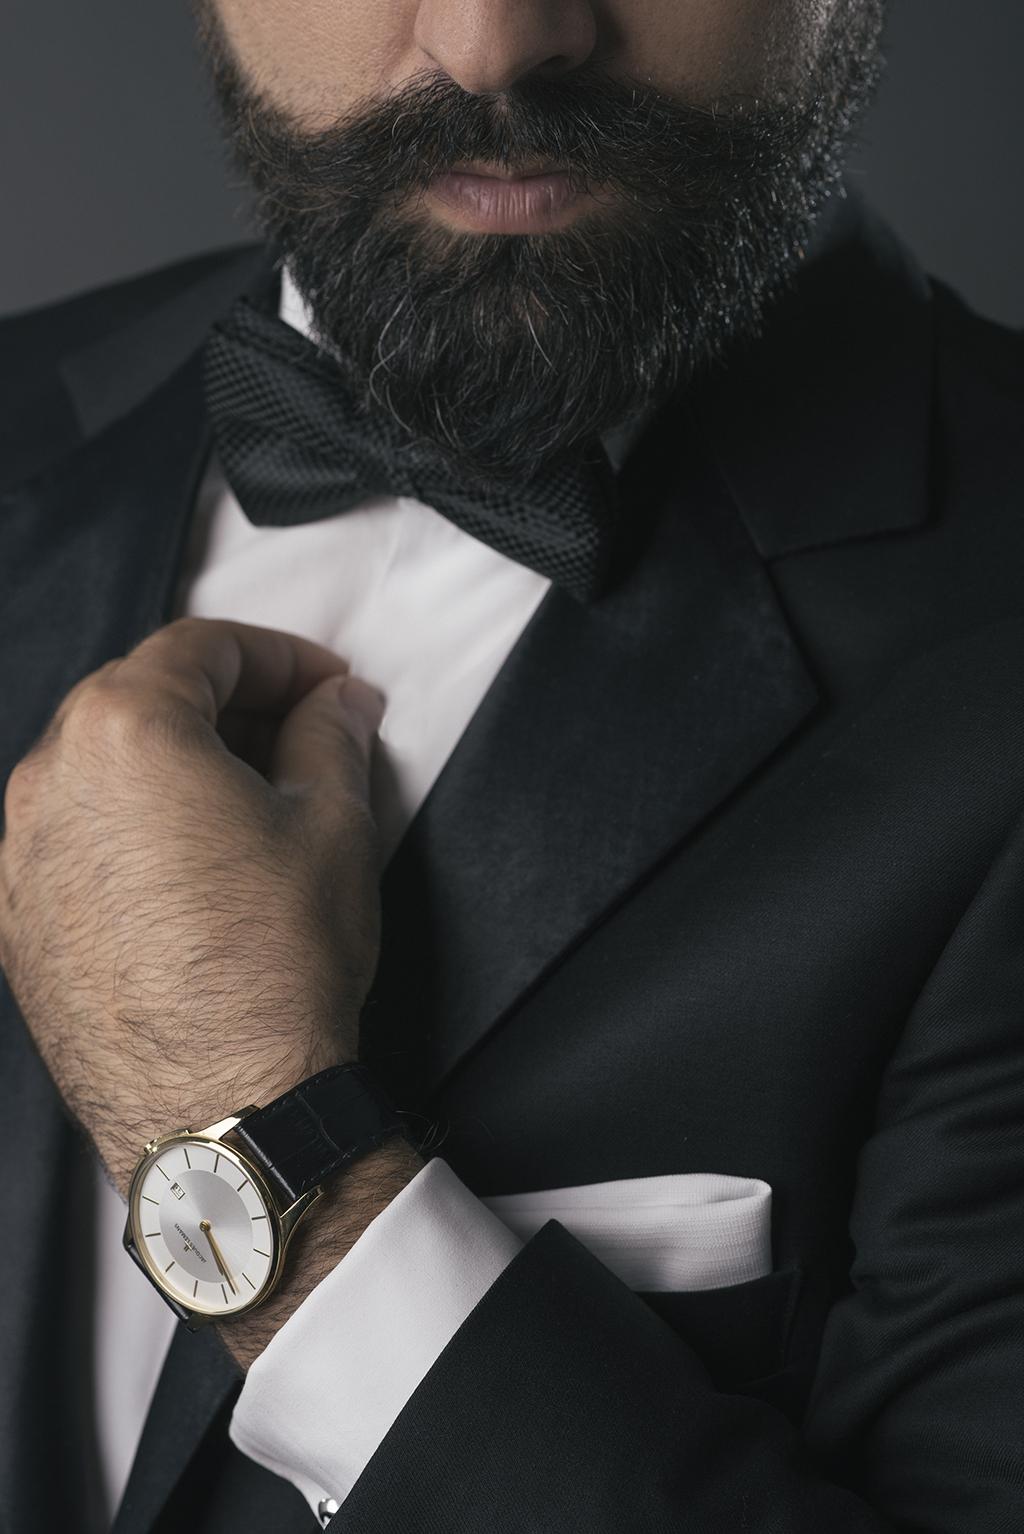 groom_suit-6